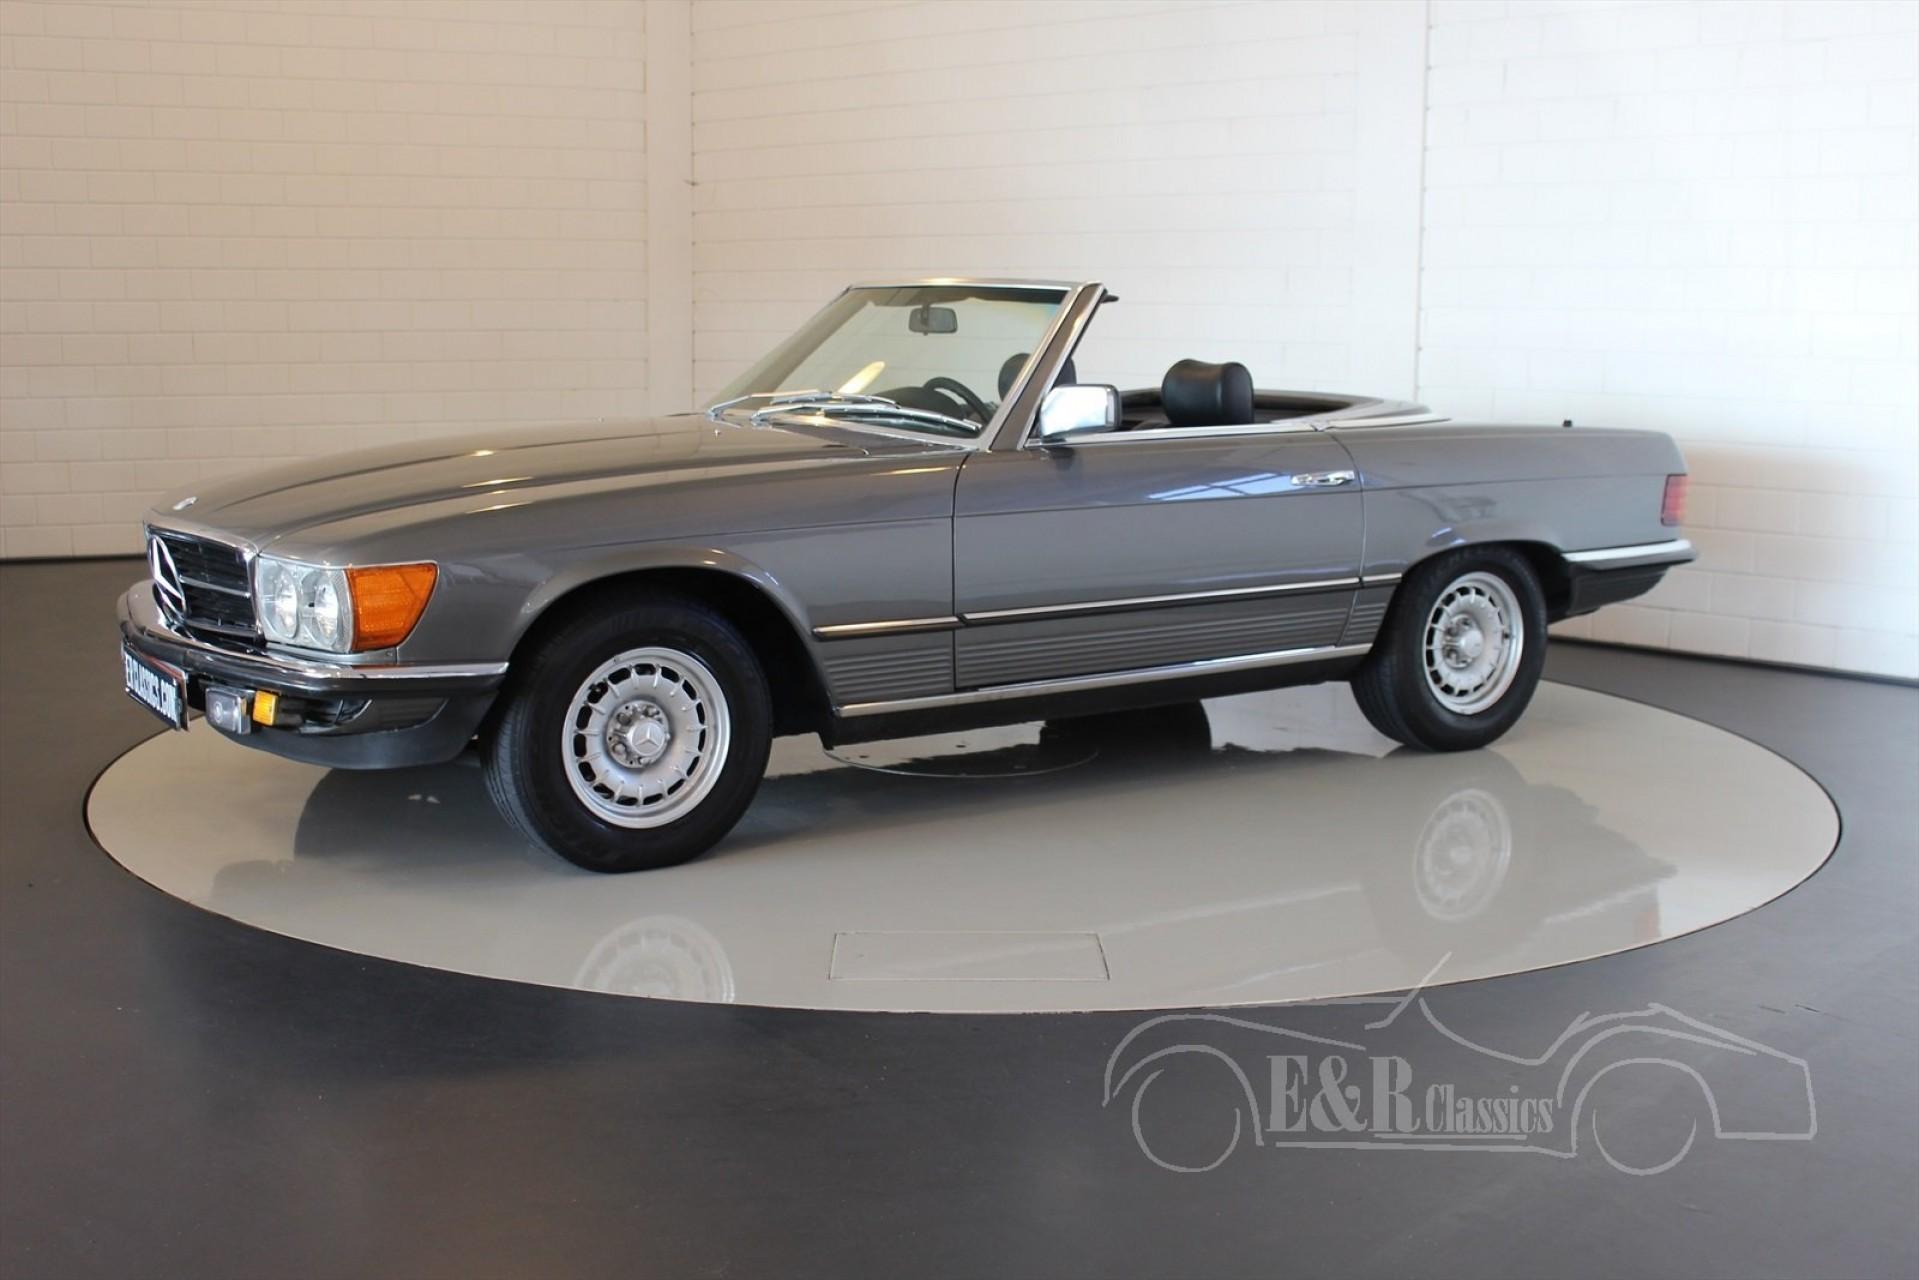 Mercedes benz sl 280 cabriolet 1980 for sale at erclassics for Mercedes benz sl280 for sale